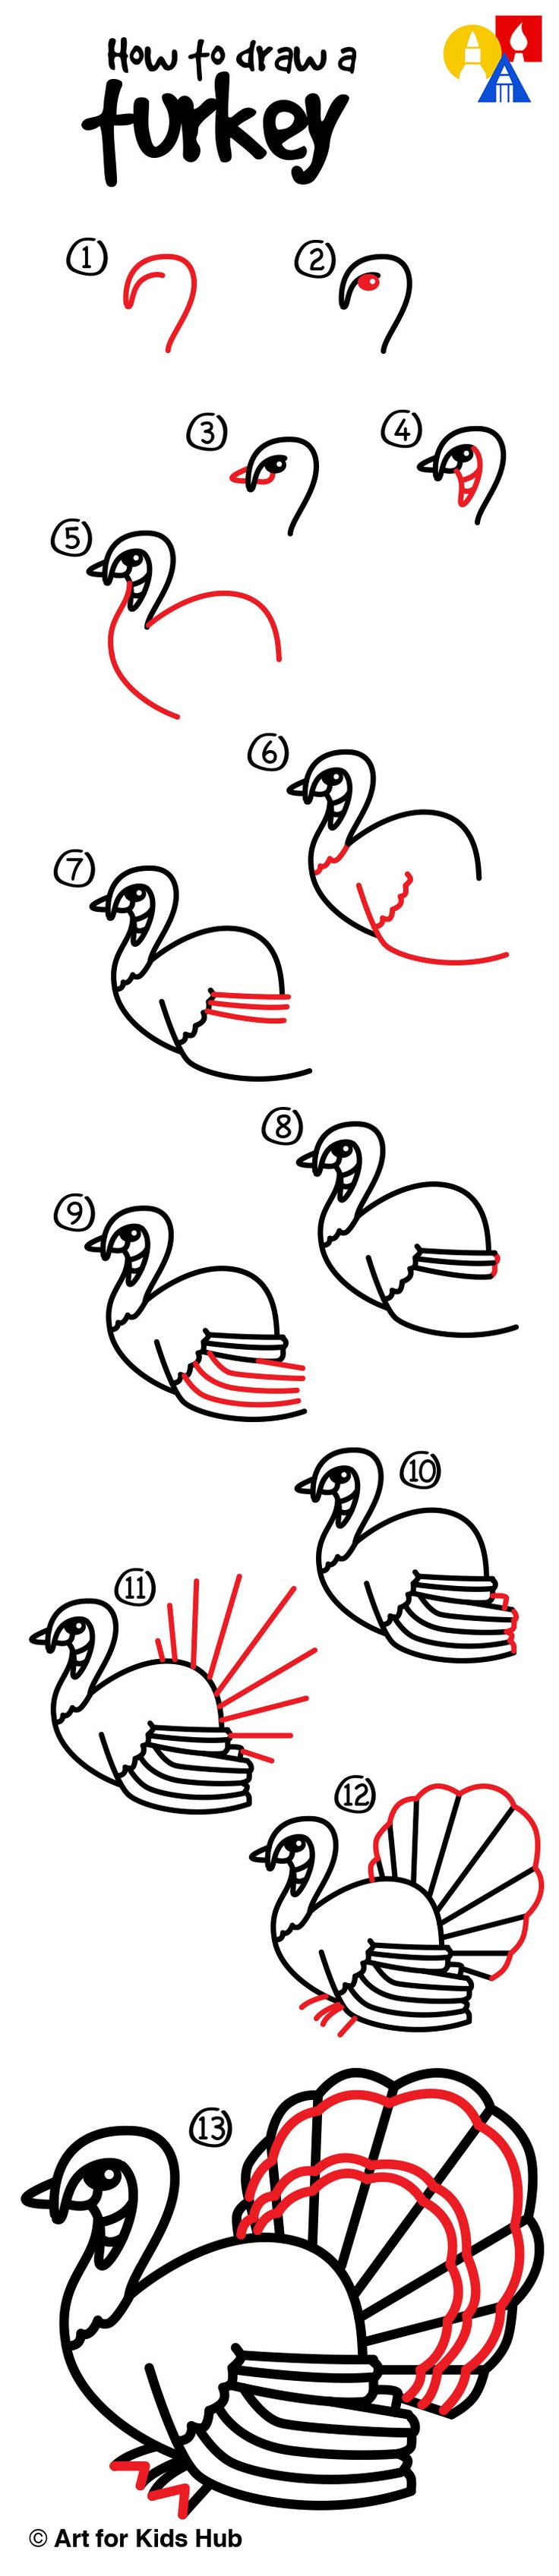 How to draw a turkey step by step!